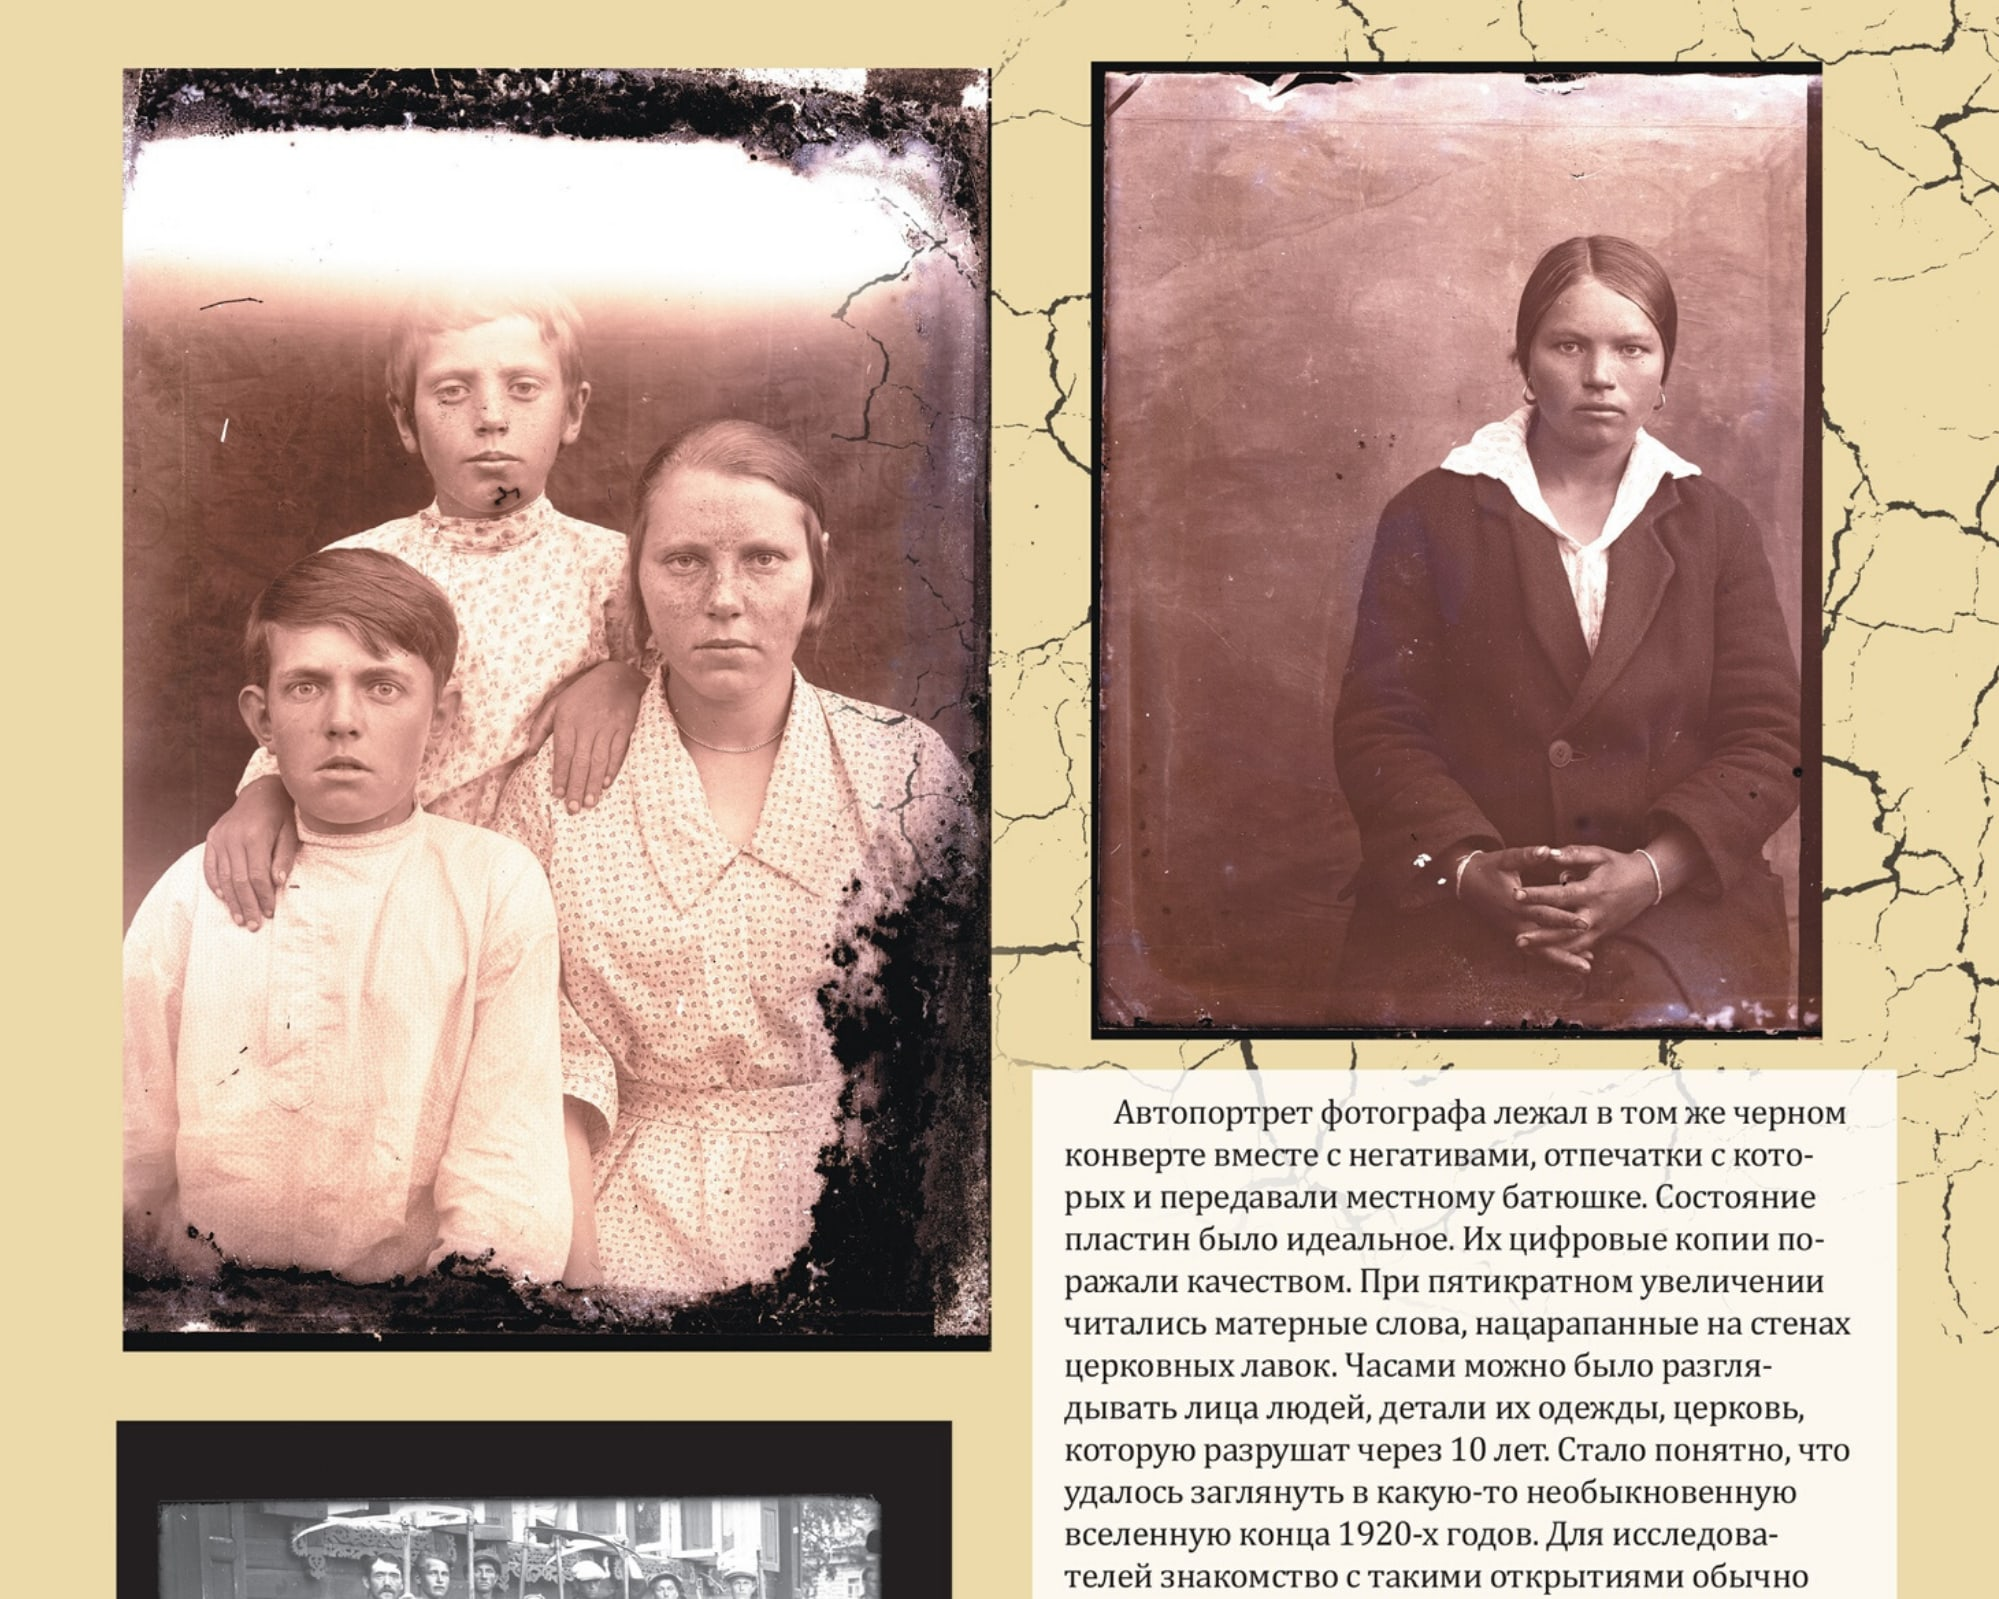 В распоряжение журнала «Тверьлайф» попали уникальные фото, найденные в старинном доме в Тверской области